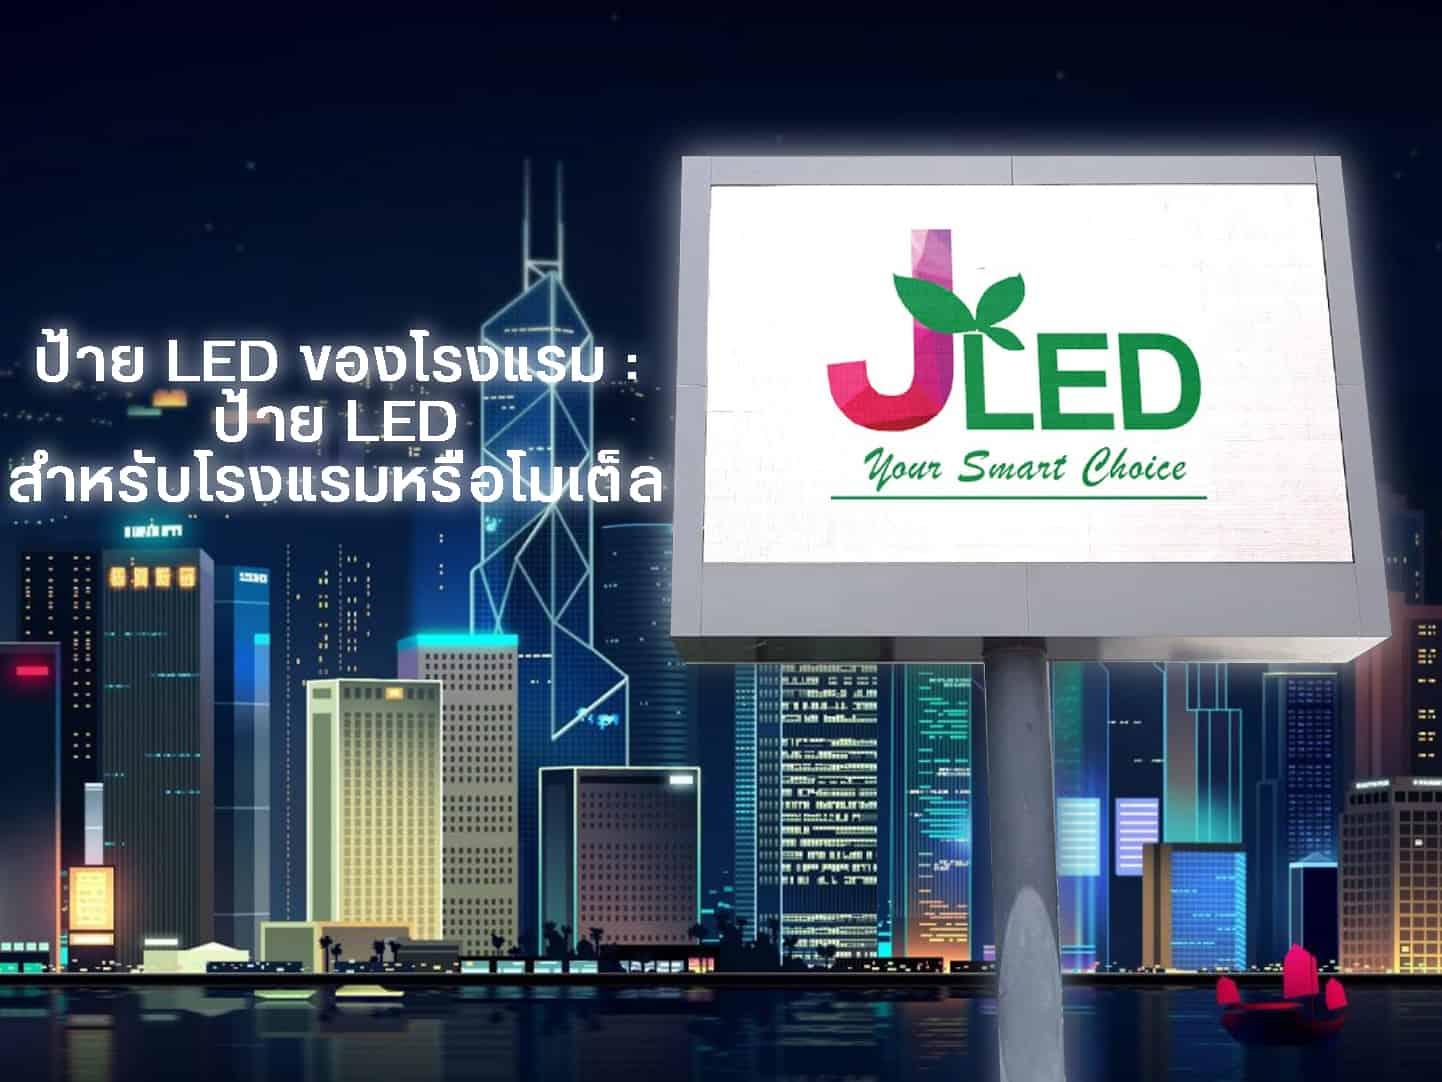 ป้าย LED ของโรงแรม : ป้าย LED สำหรับโรงแรมหรือโมเต็ล led display